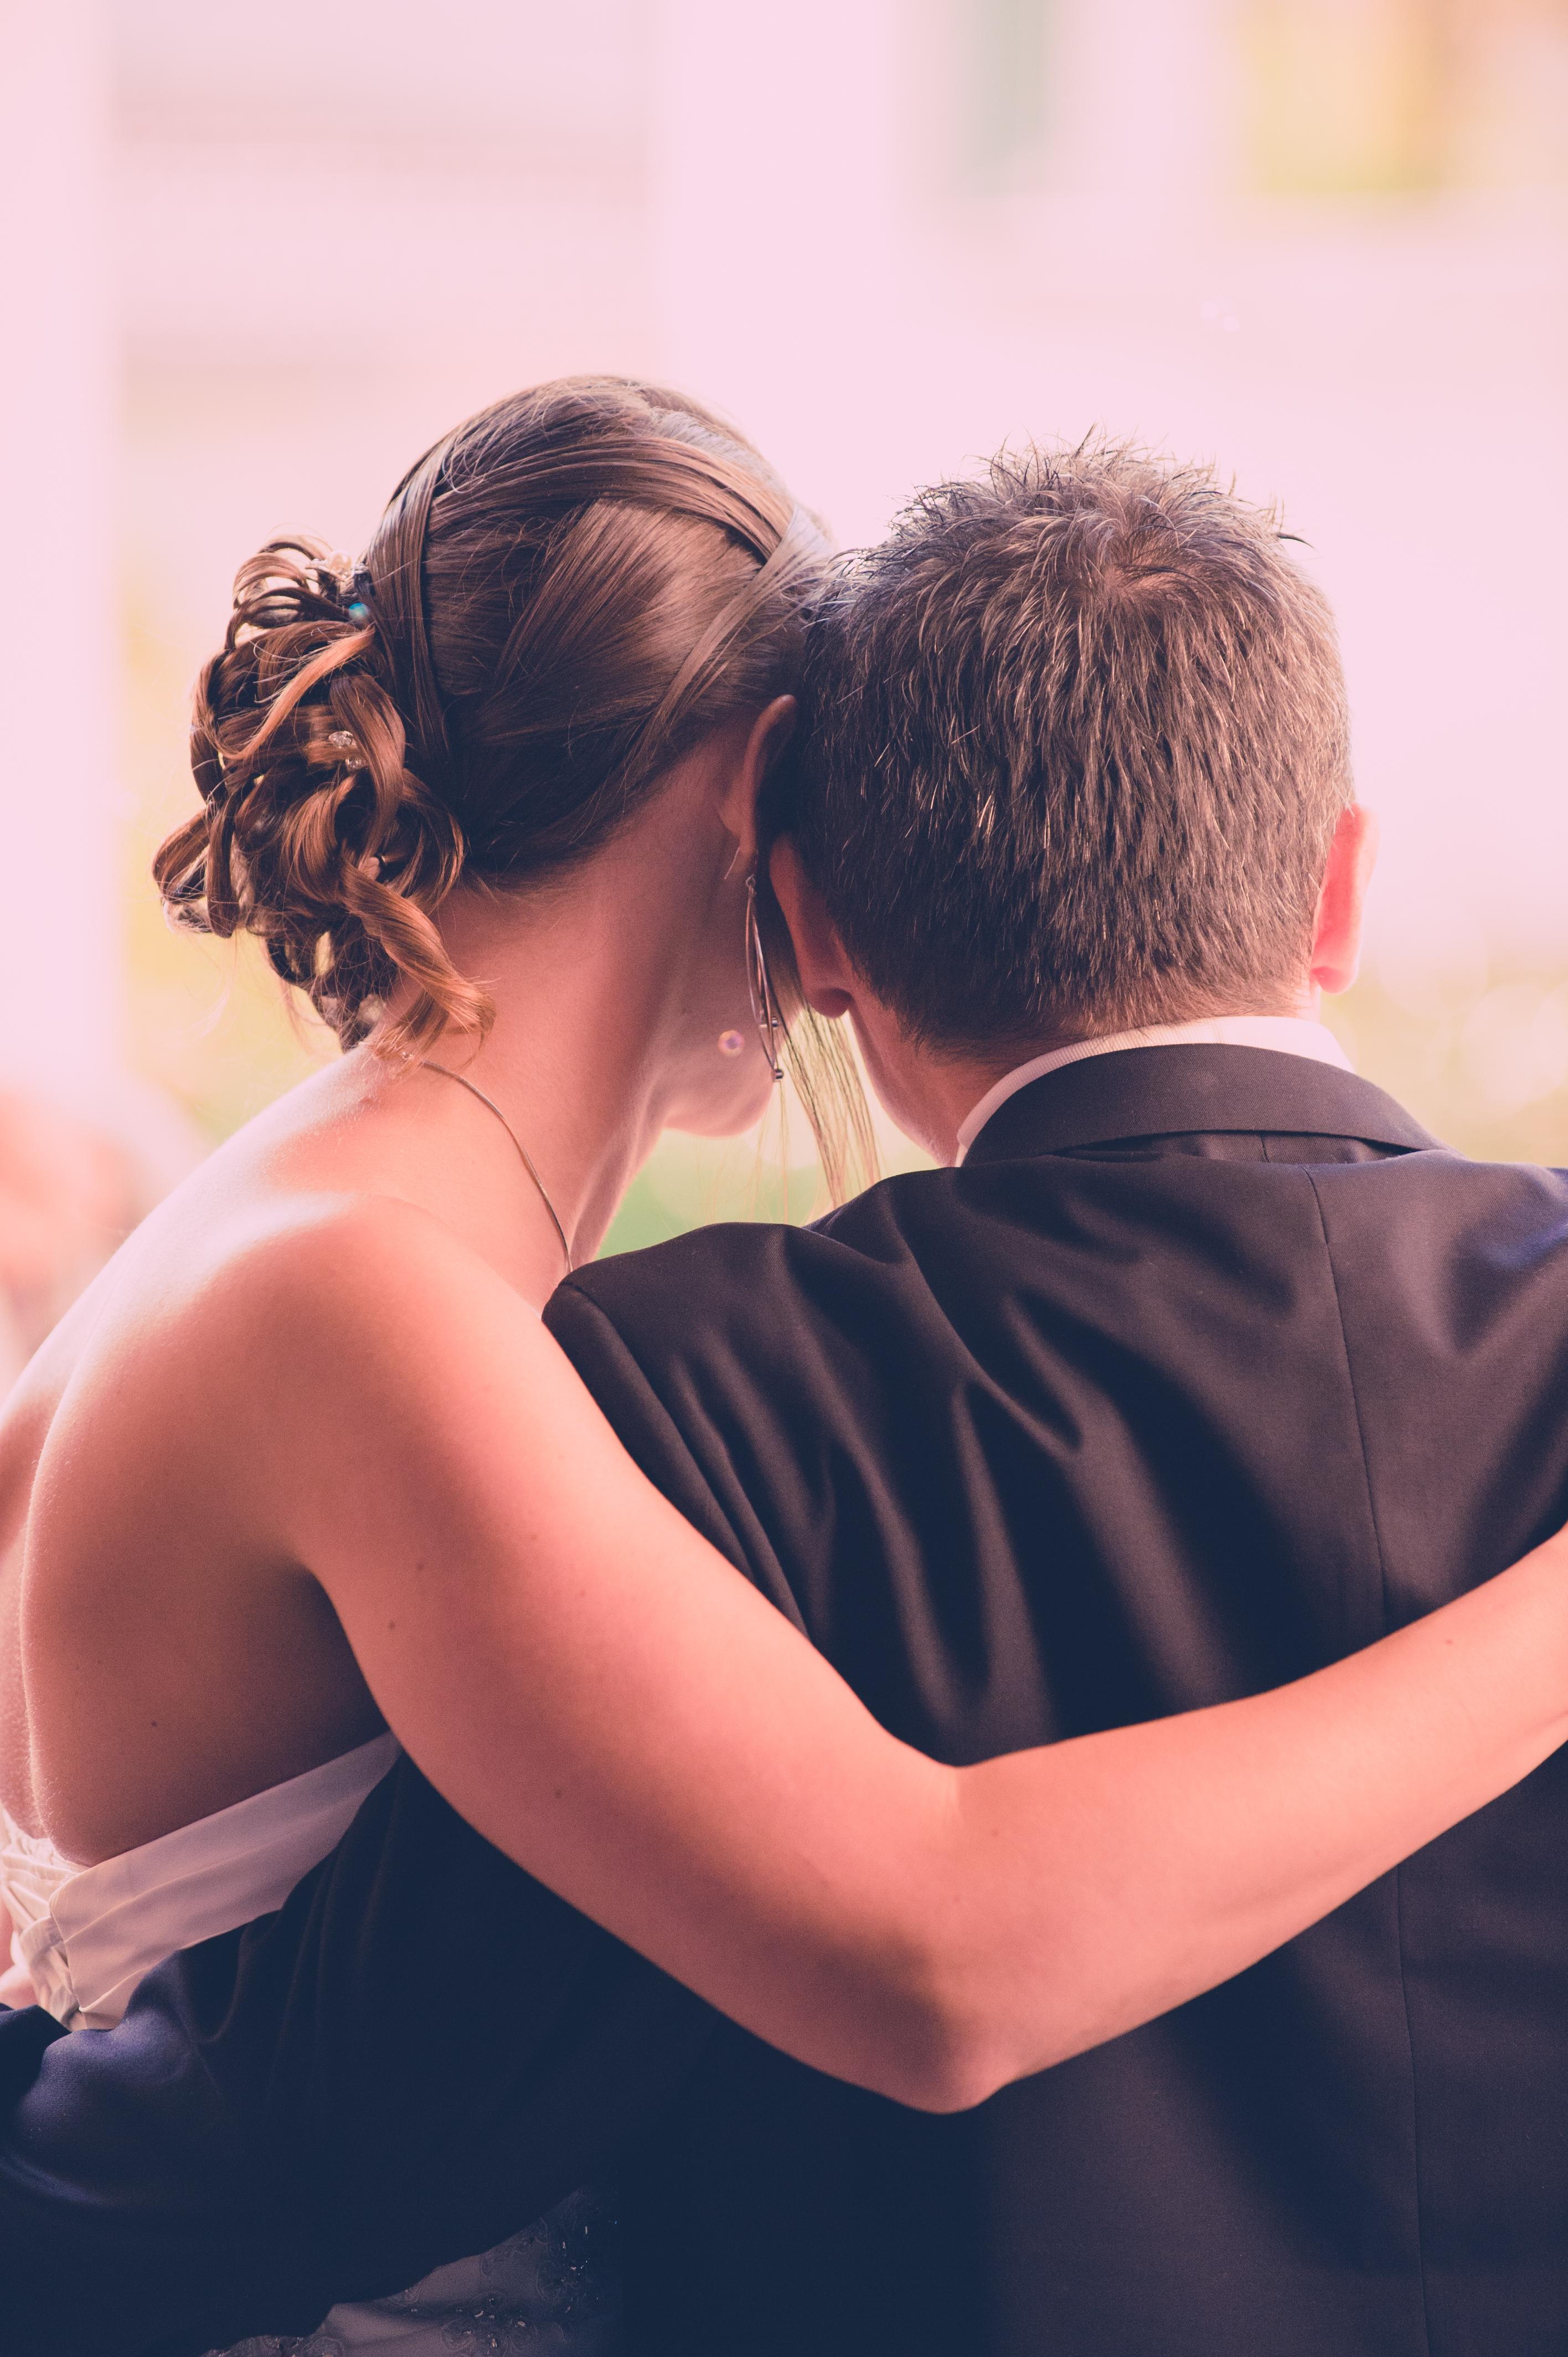 stephrivieraphoto.com